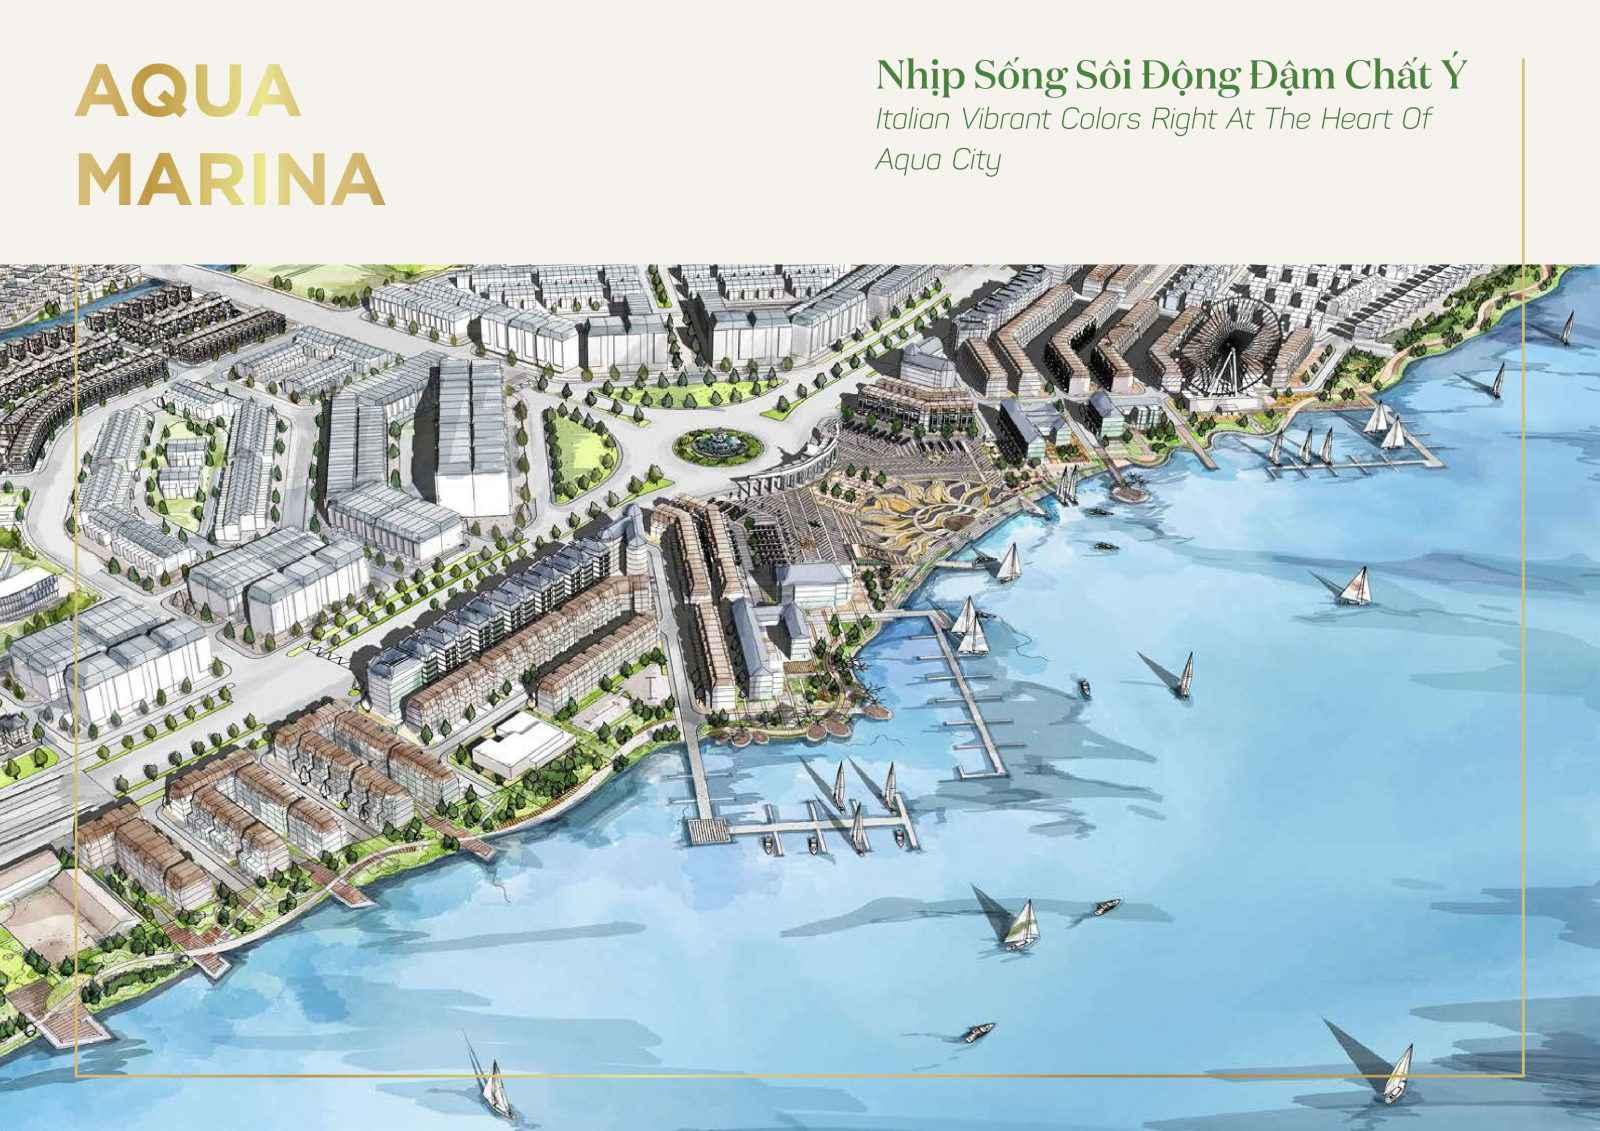 Aqua Marina Aqua City